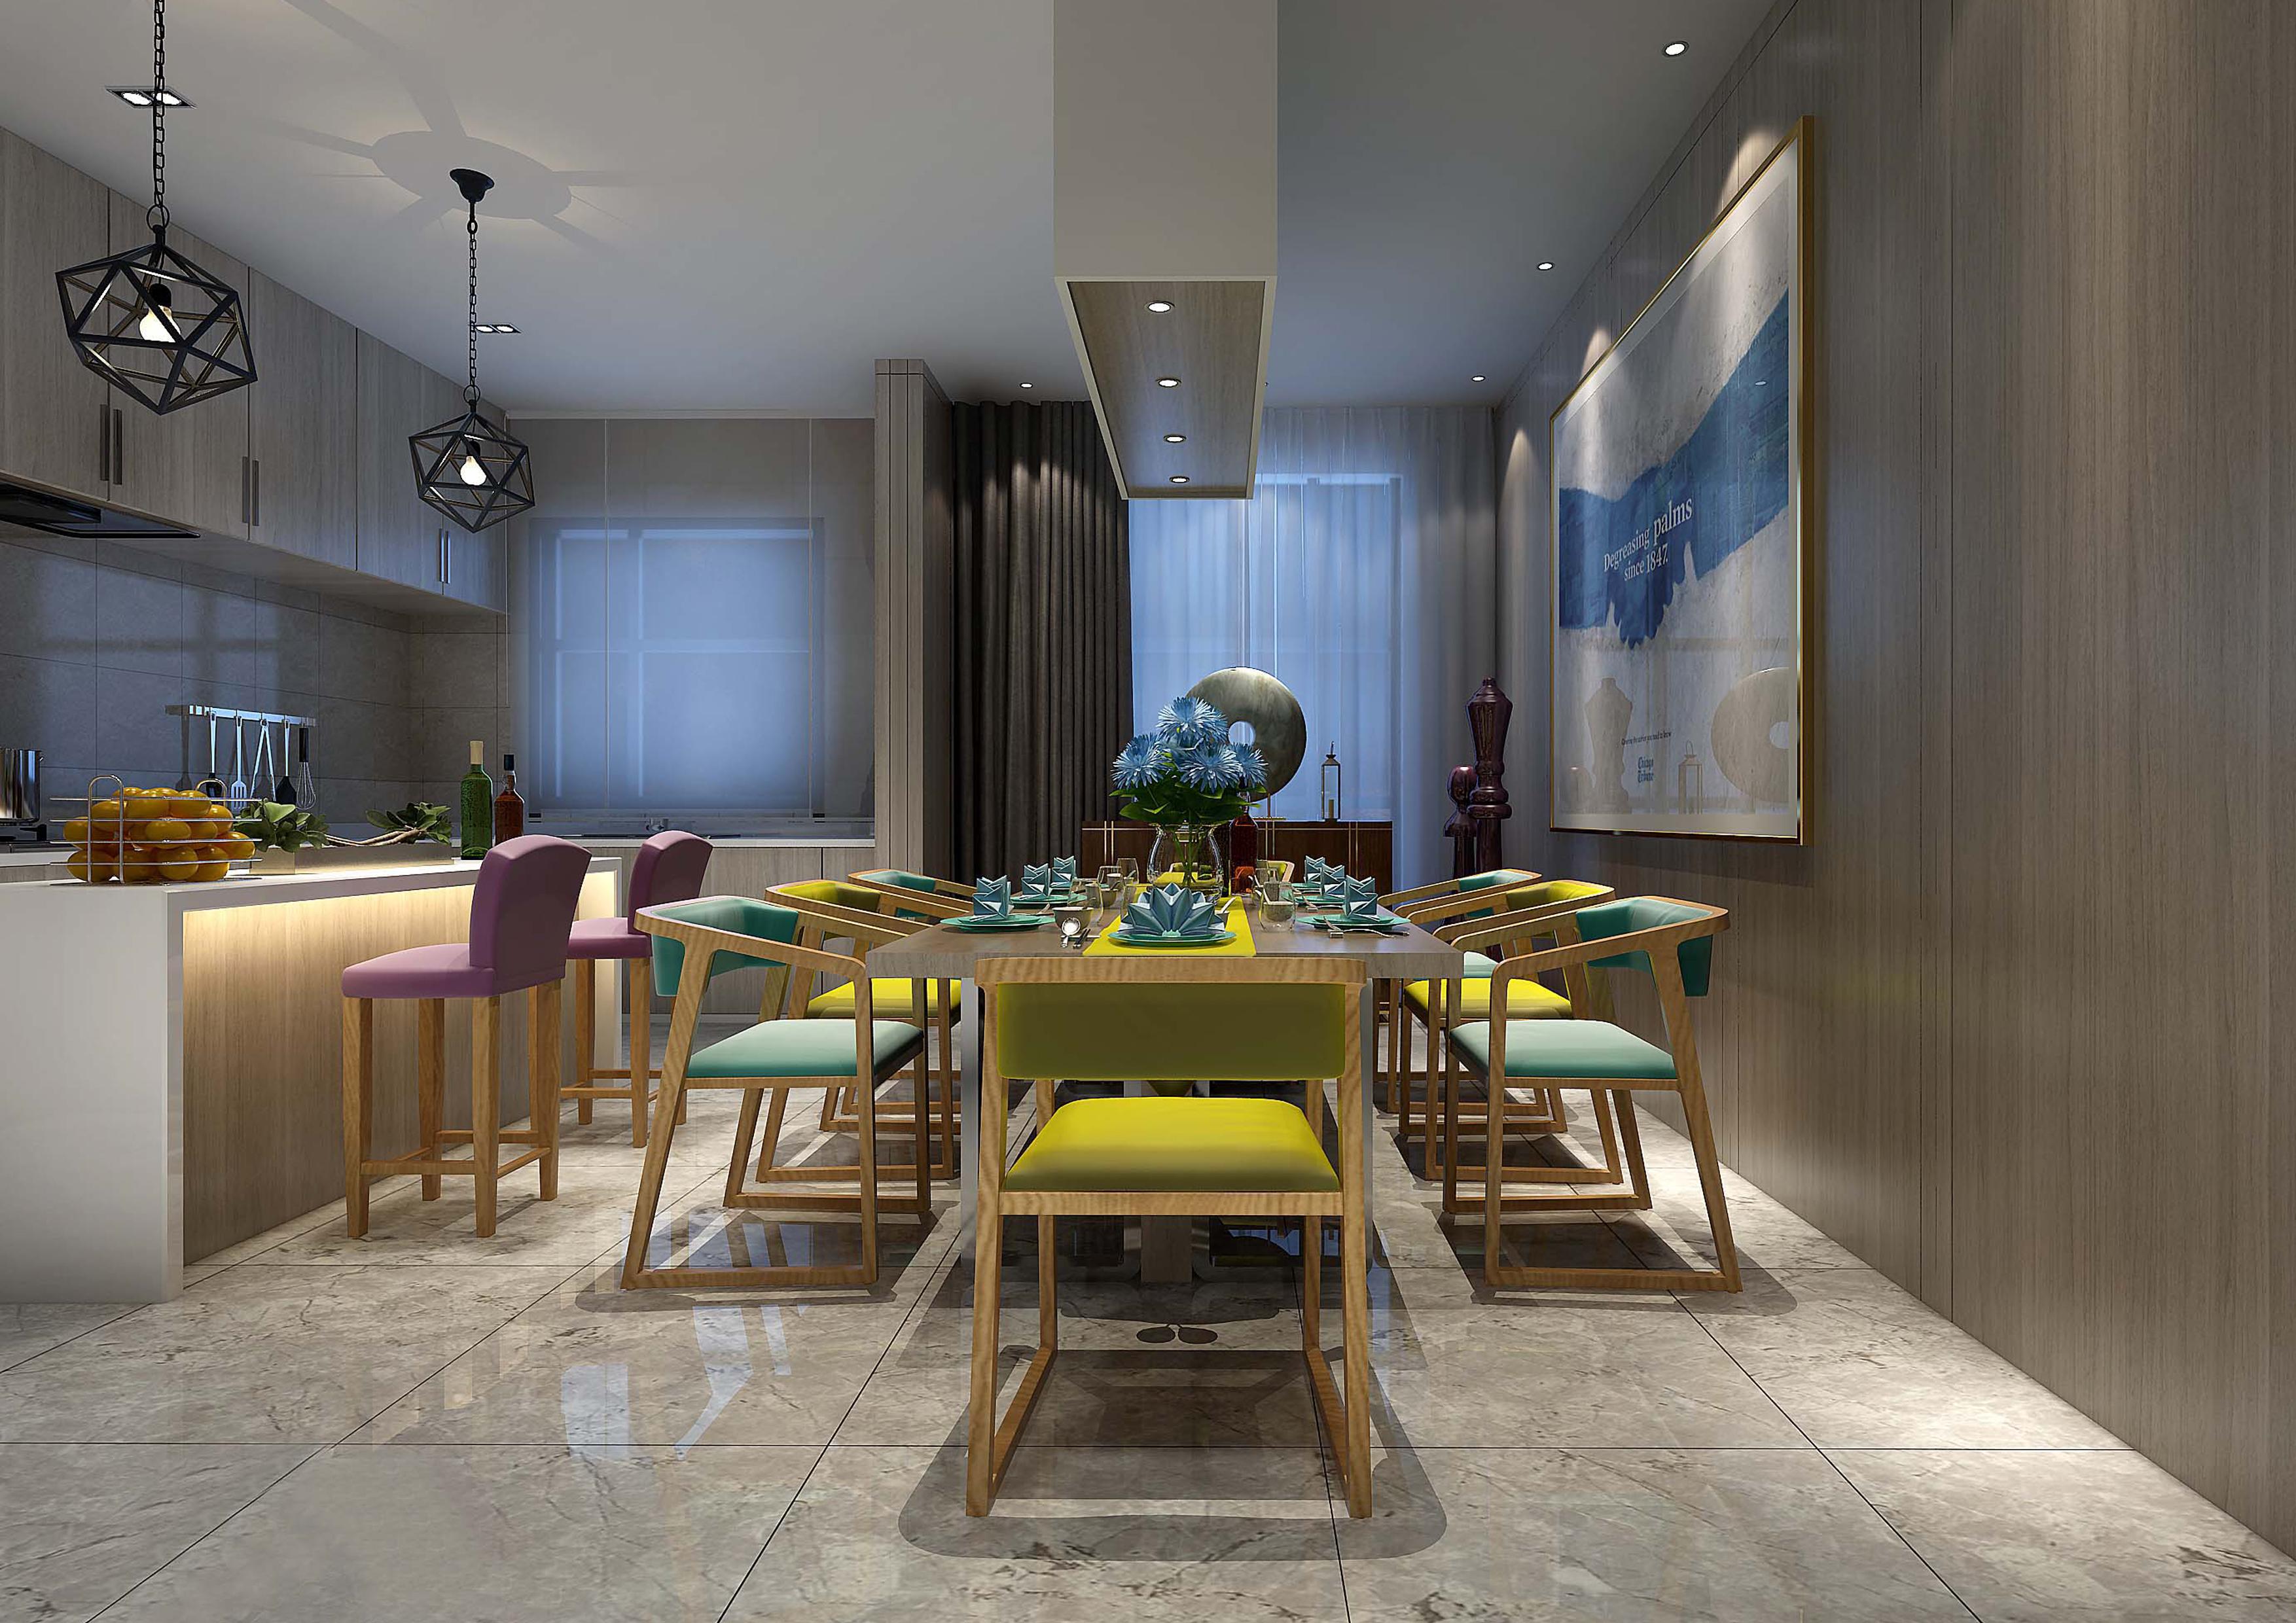 家装设计效果图别墅室内设计客厅餐厅厨房卧室书房公主房榻榻设计